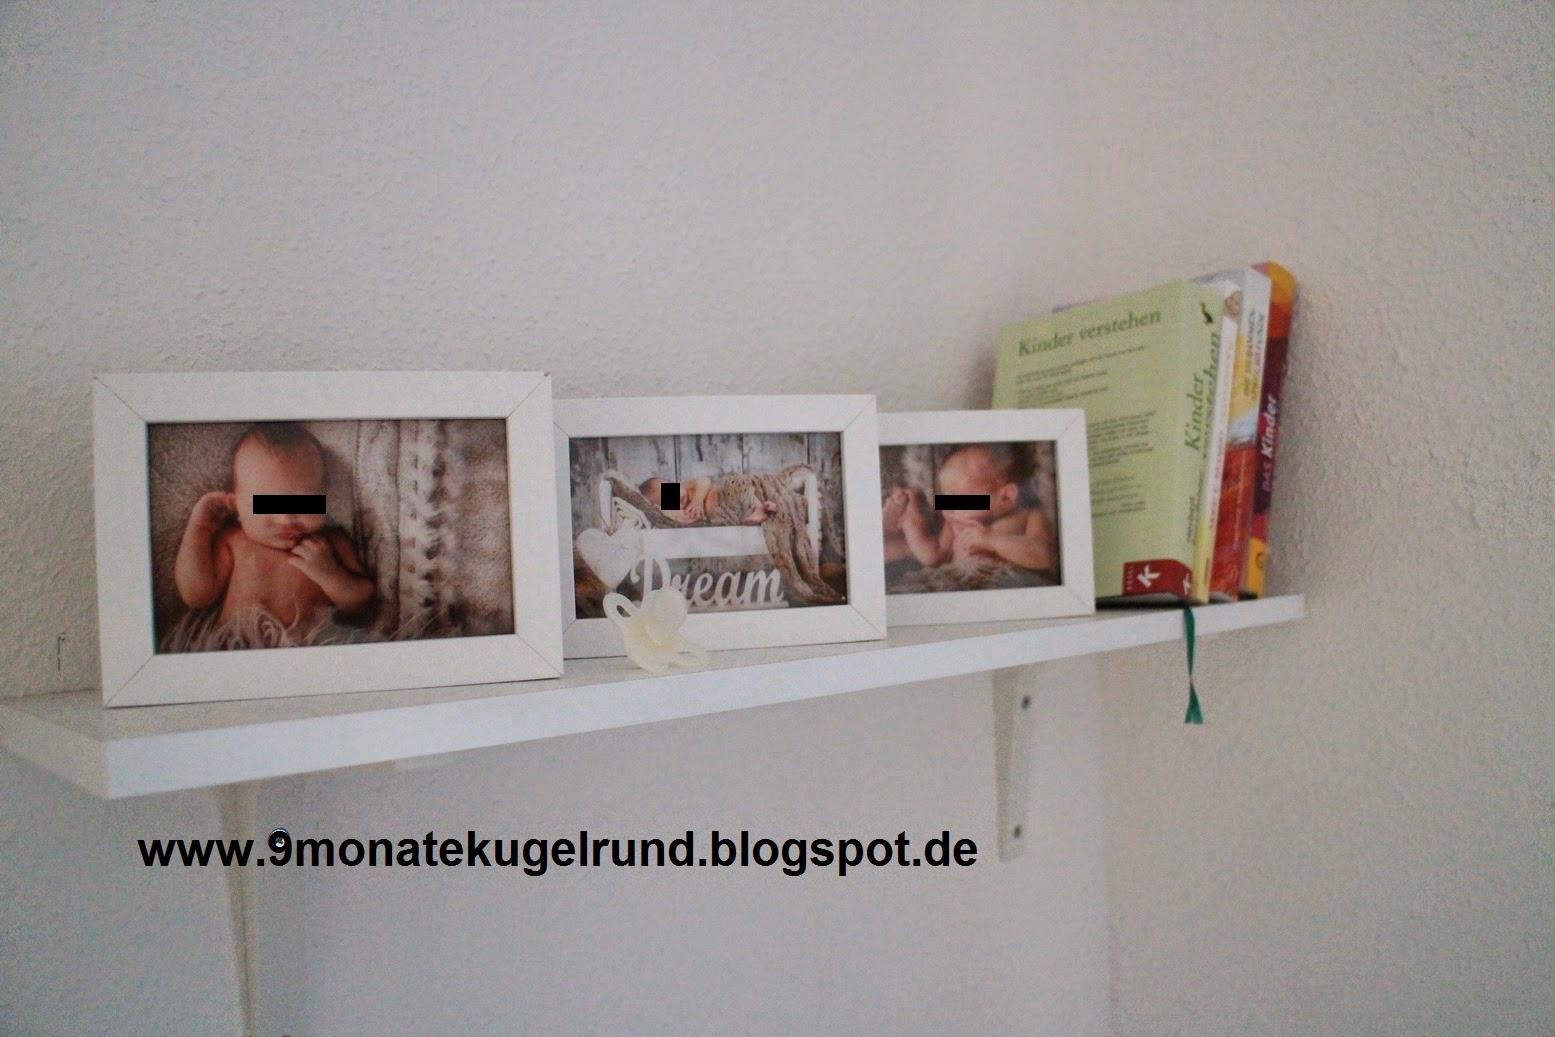 Wickeltisch einrichten | 9MonateKUGELRUND.de